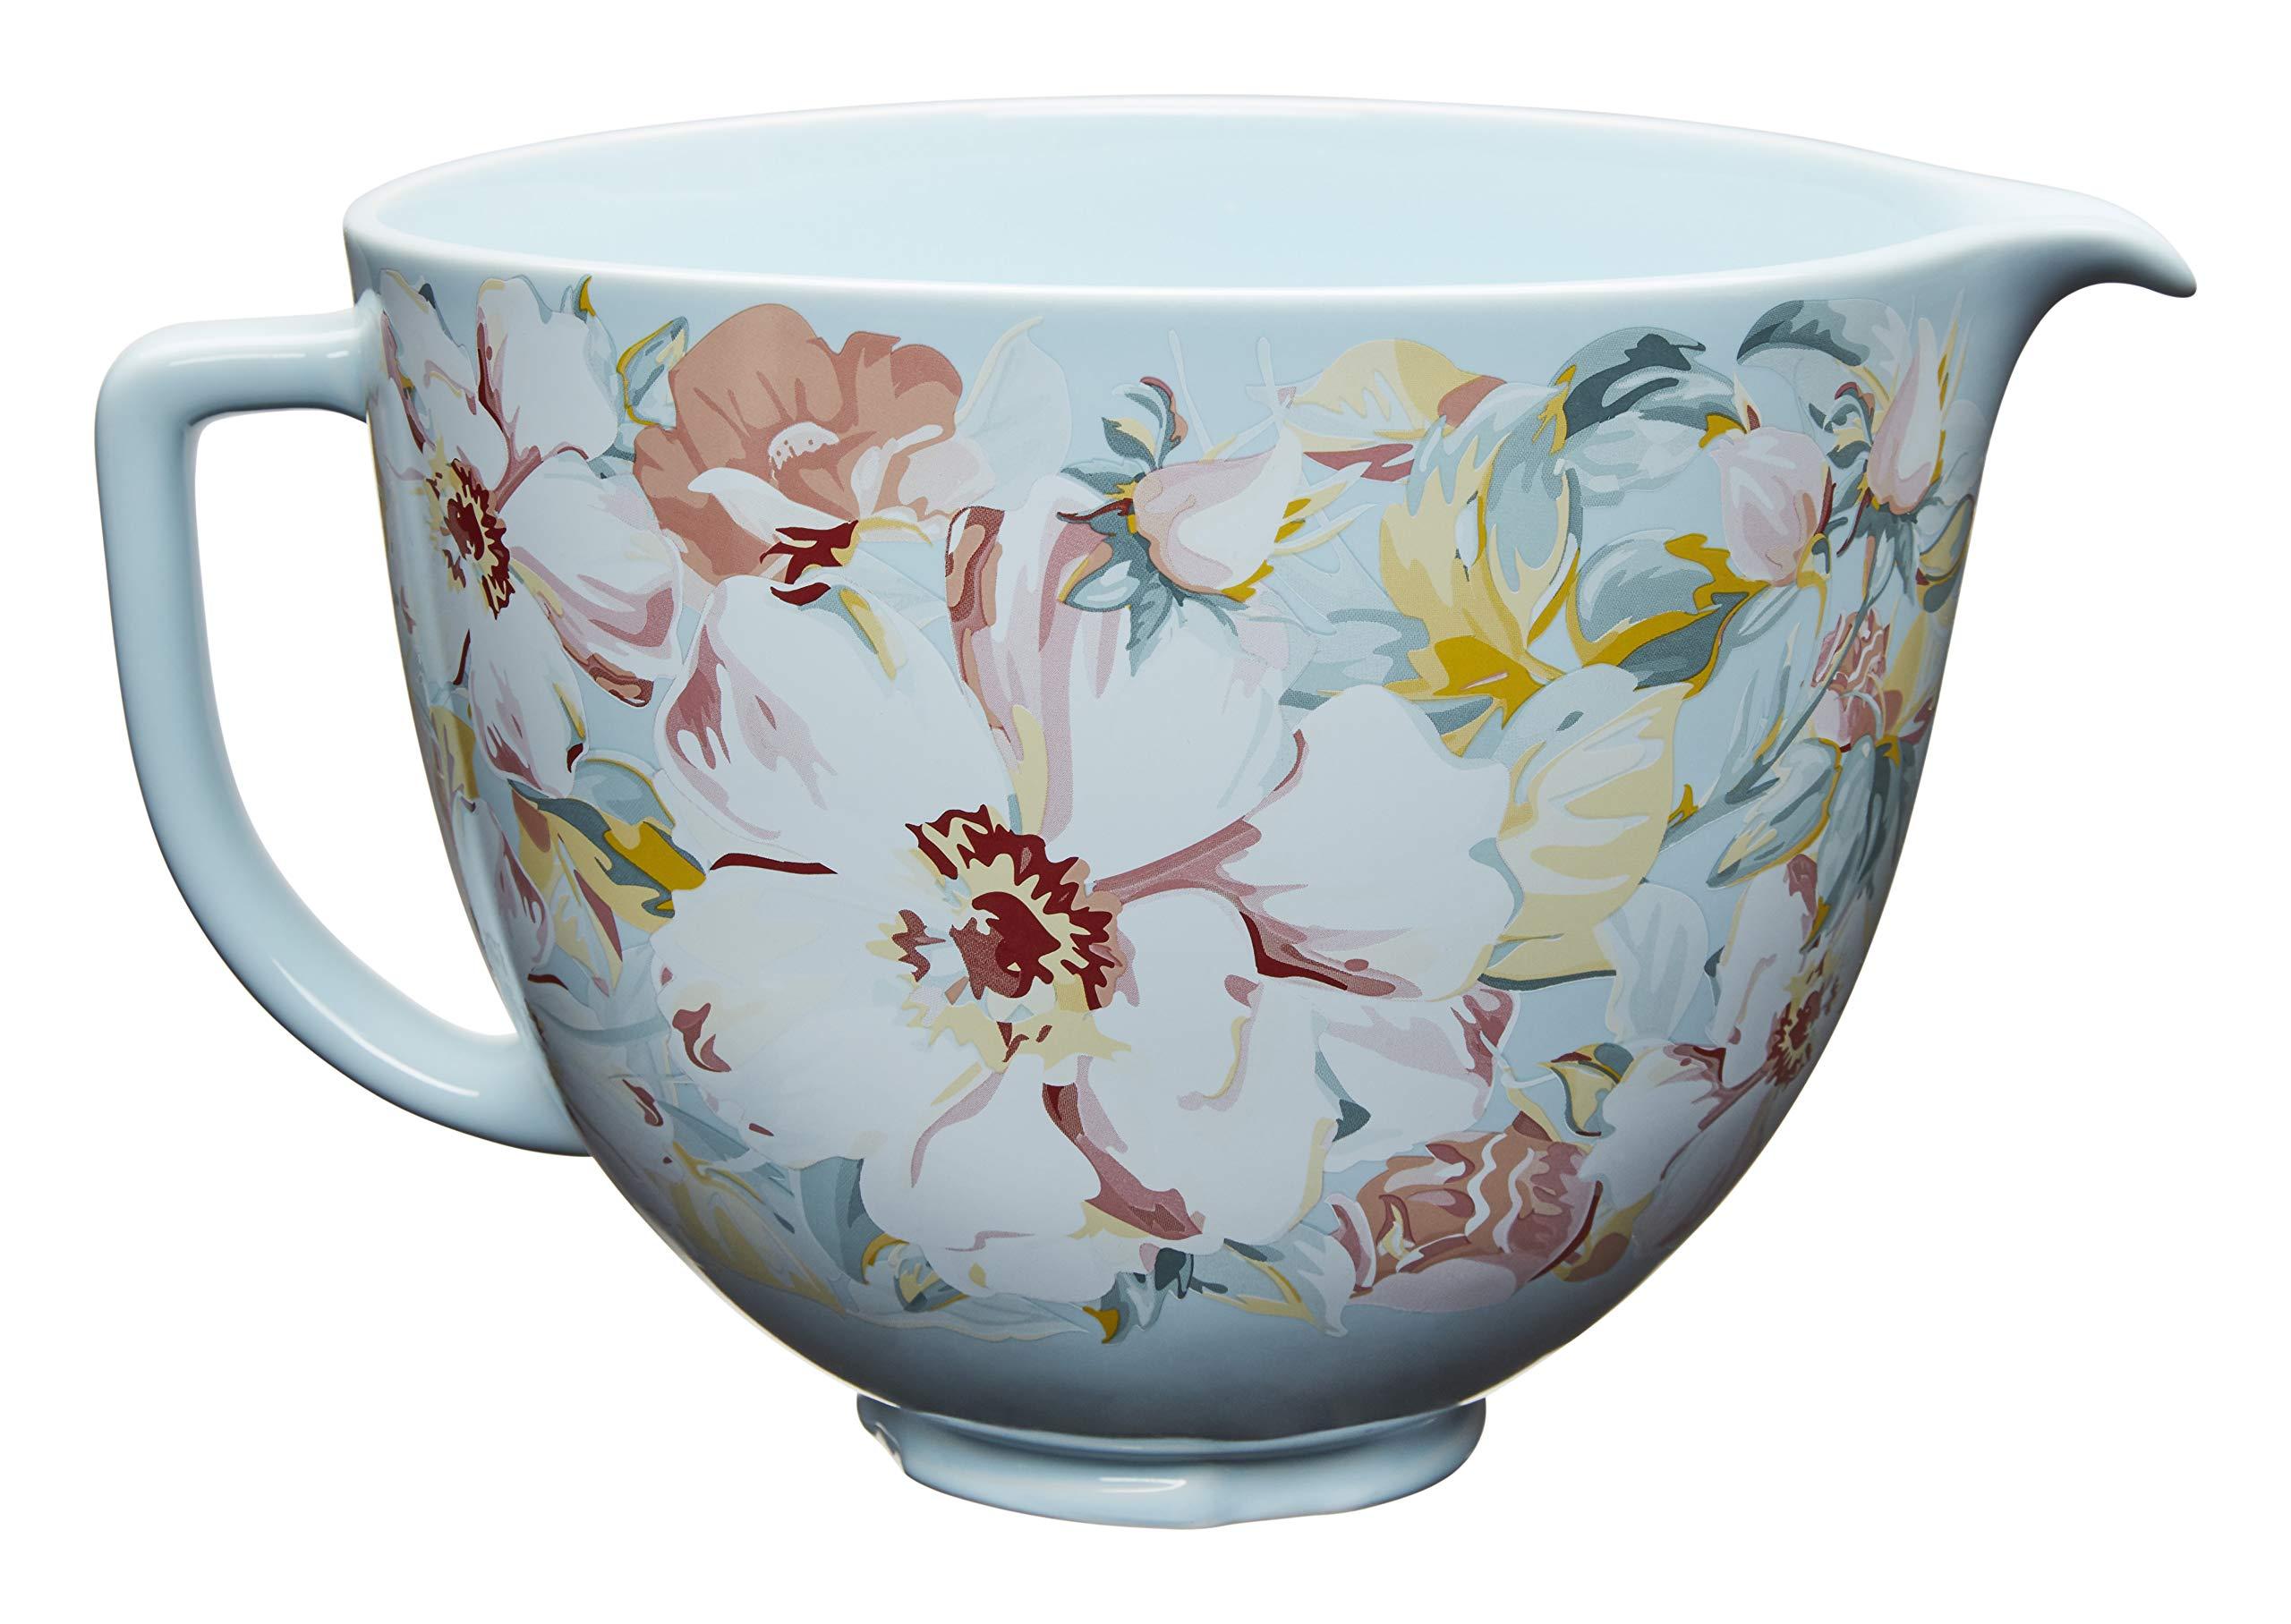 KitchenAid KSM2CB5PWG 5 Quart Ceramic Stand Mixer Bowl, 5 Qt, White Gardenia by KitchenAid